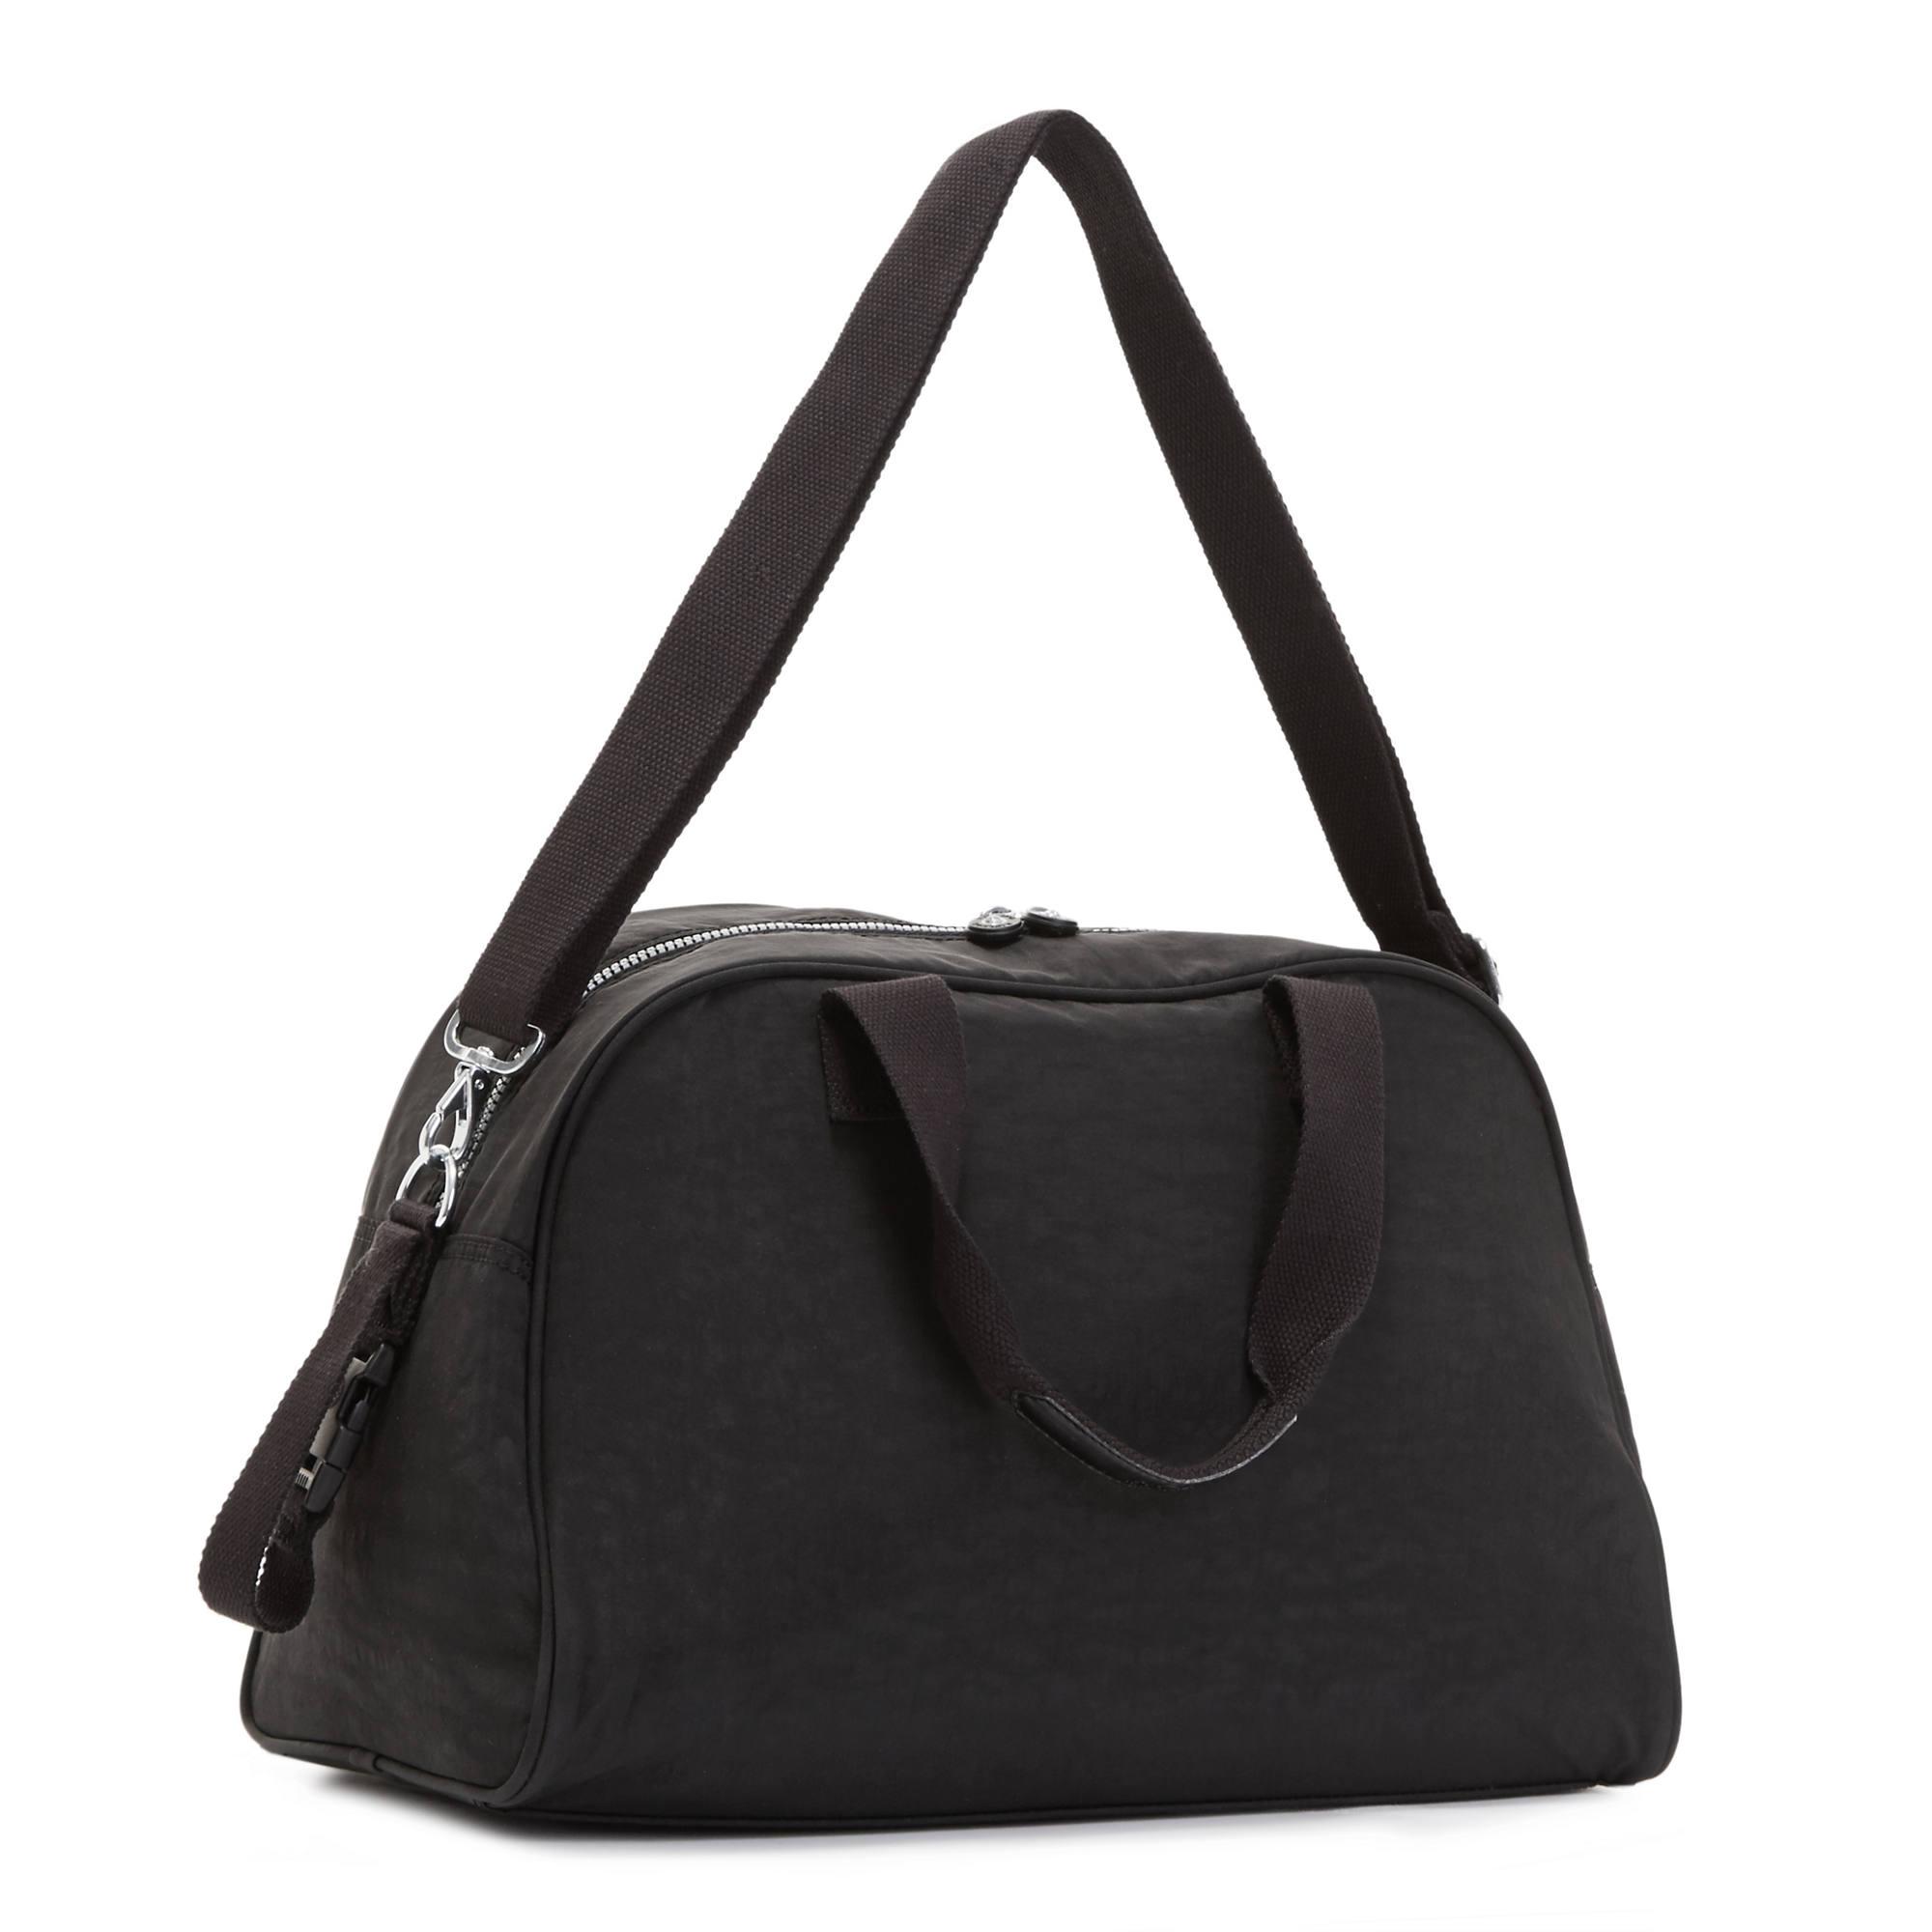 5c1e0aab03 Camama Diaper Bag,Black Classic,large